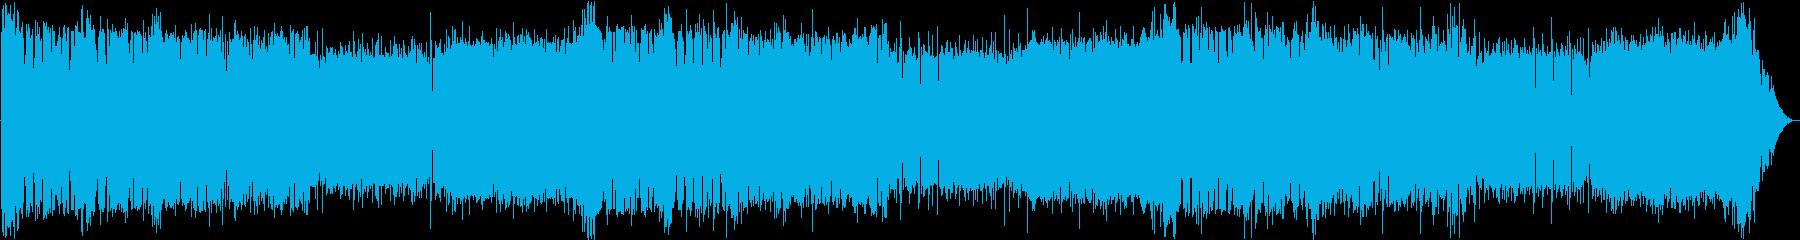 【8bit】錦のスタニッシュバトルの再生済みの波形